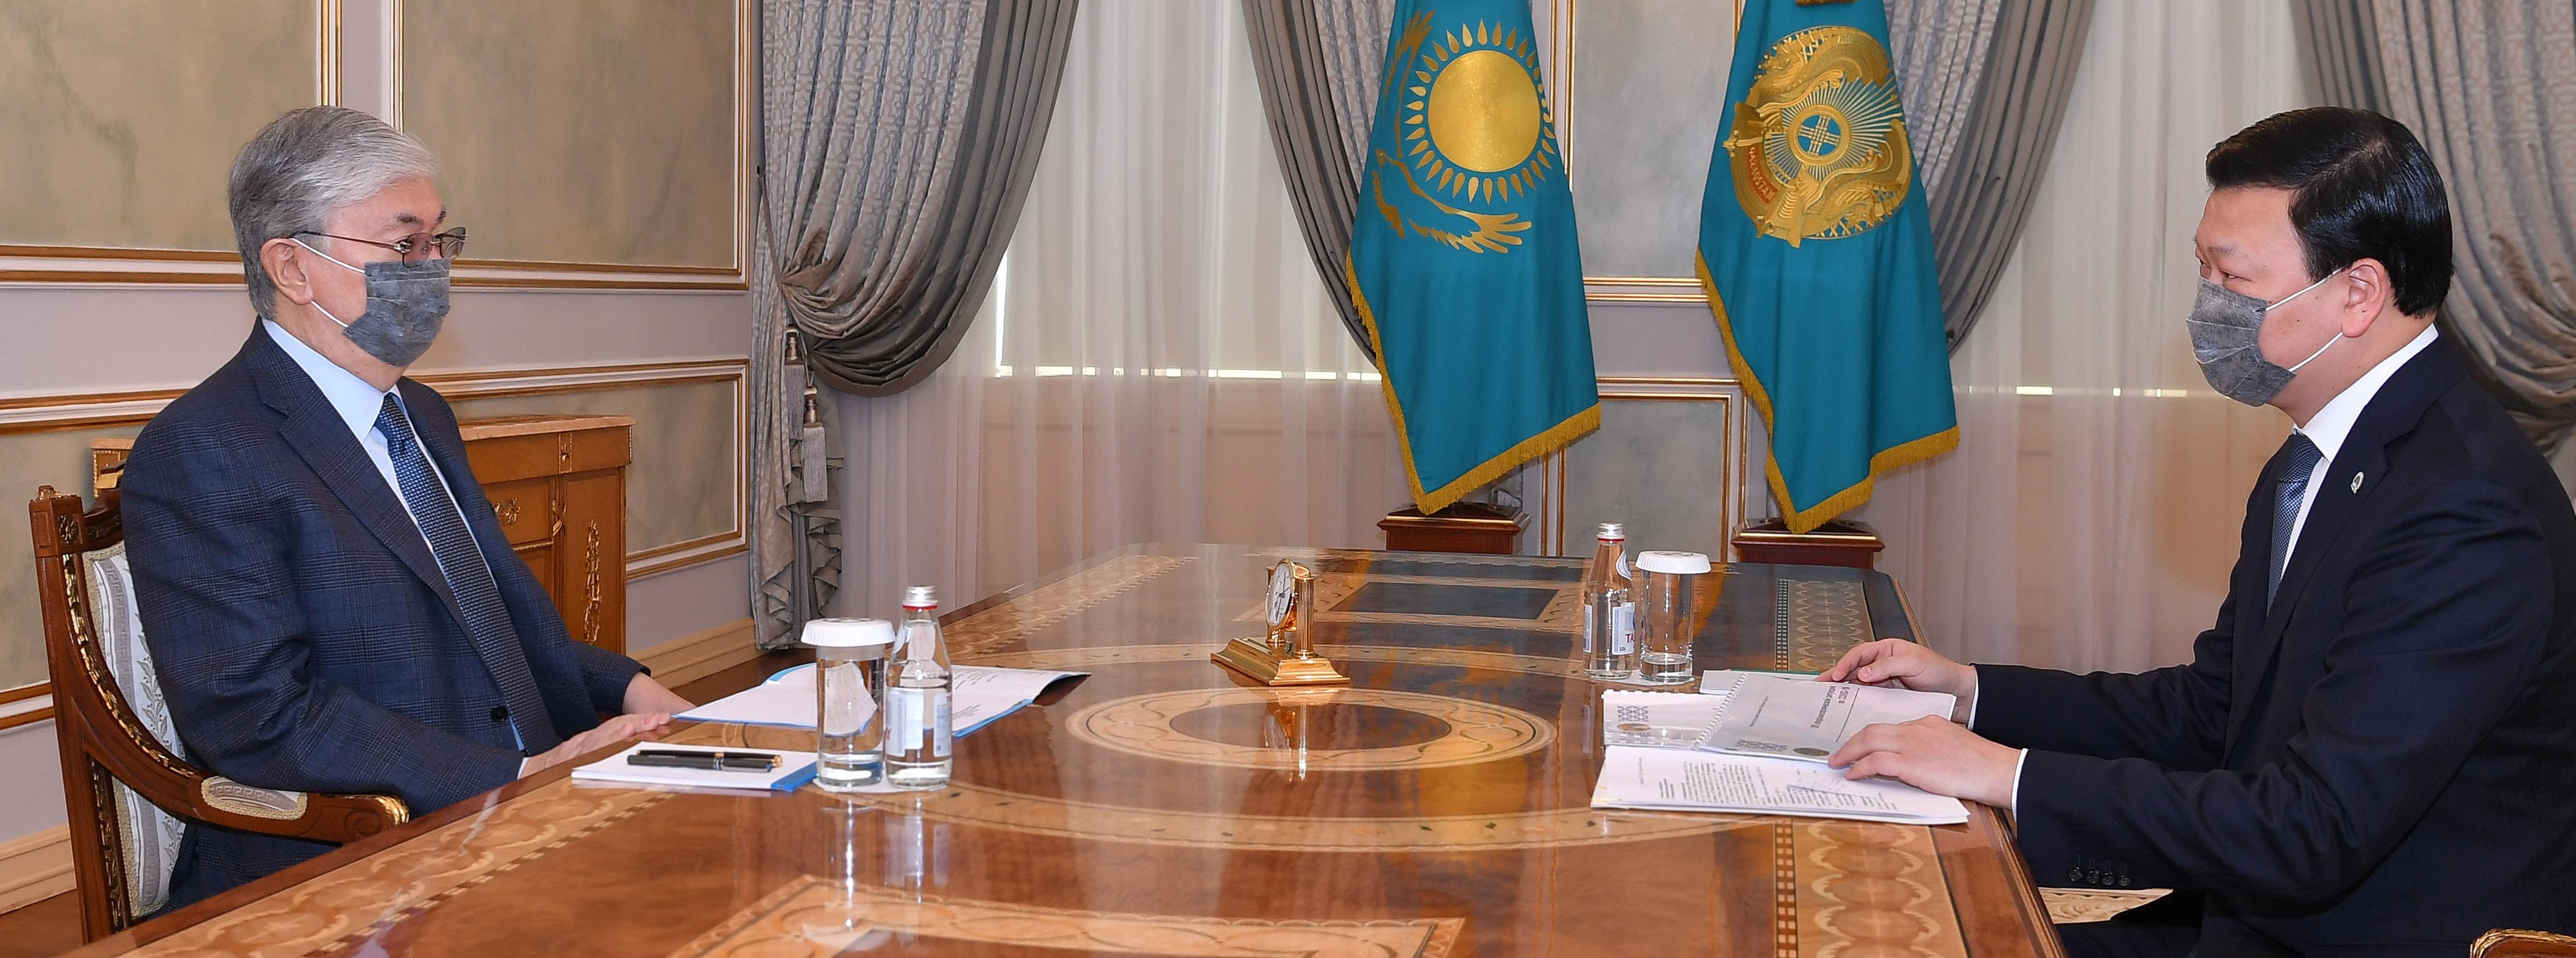 Казахстан по заболеваемости коронавирусом занимает 109-е место среди 221 страны мира – ВОЗ